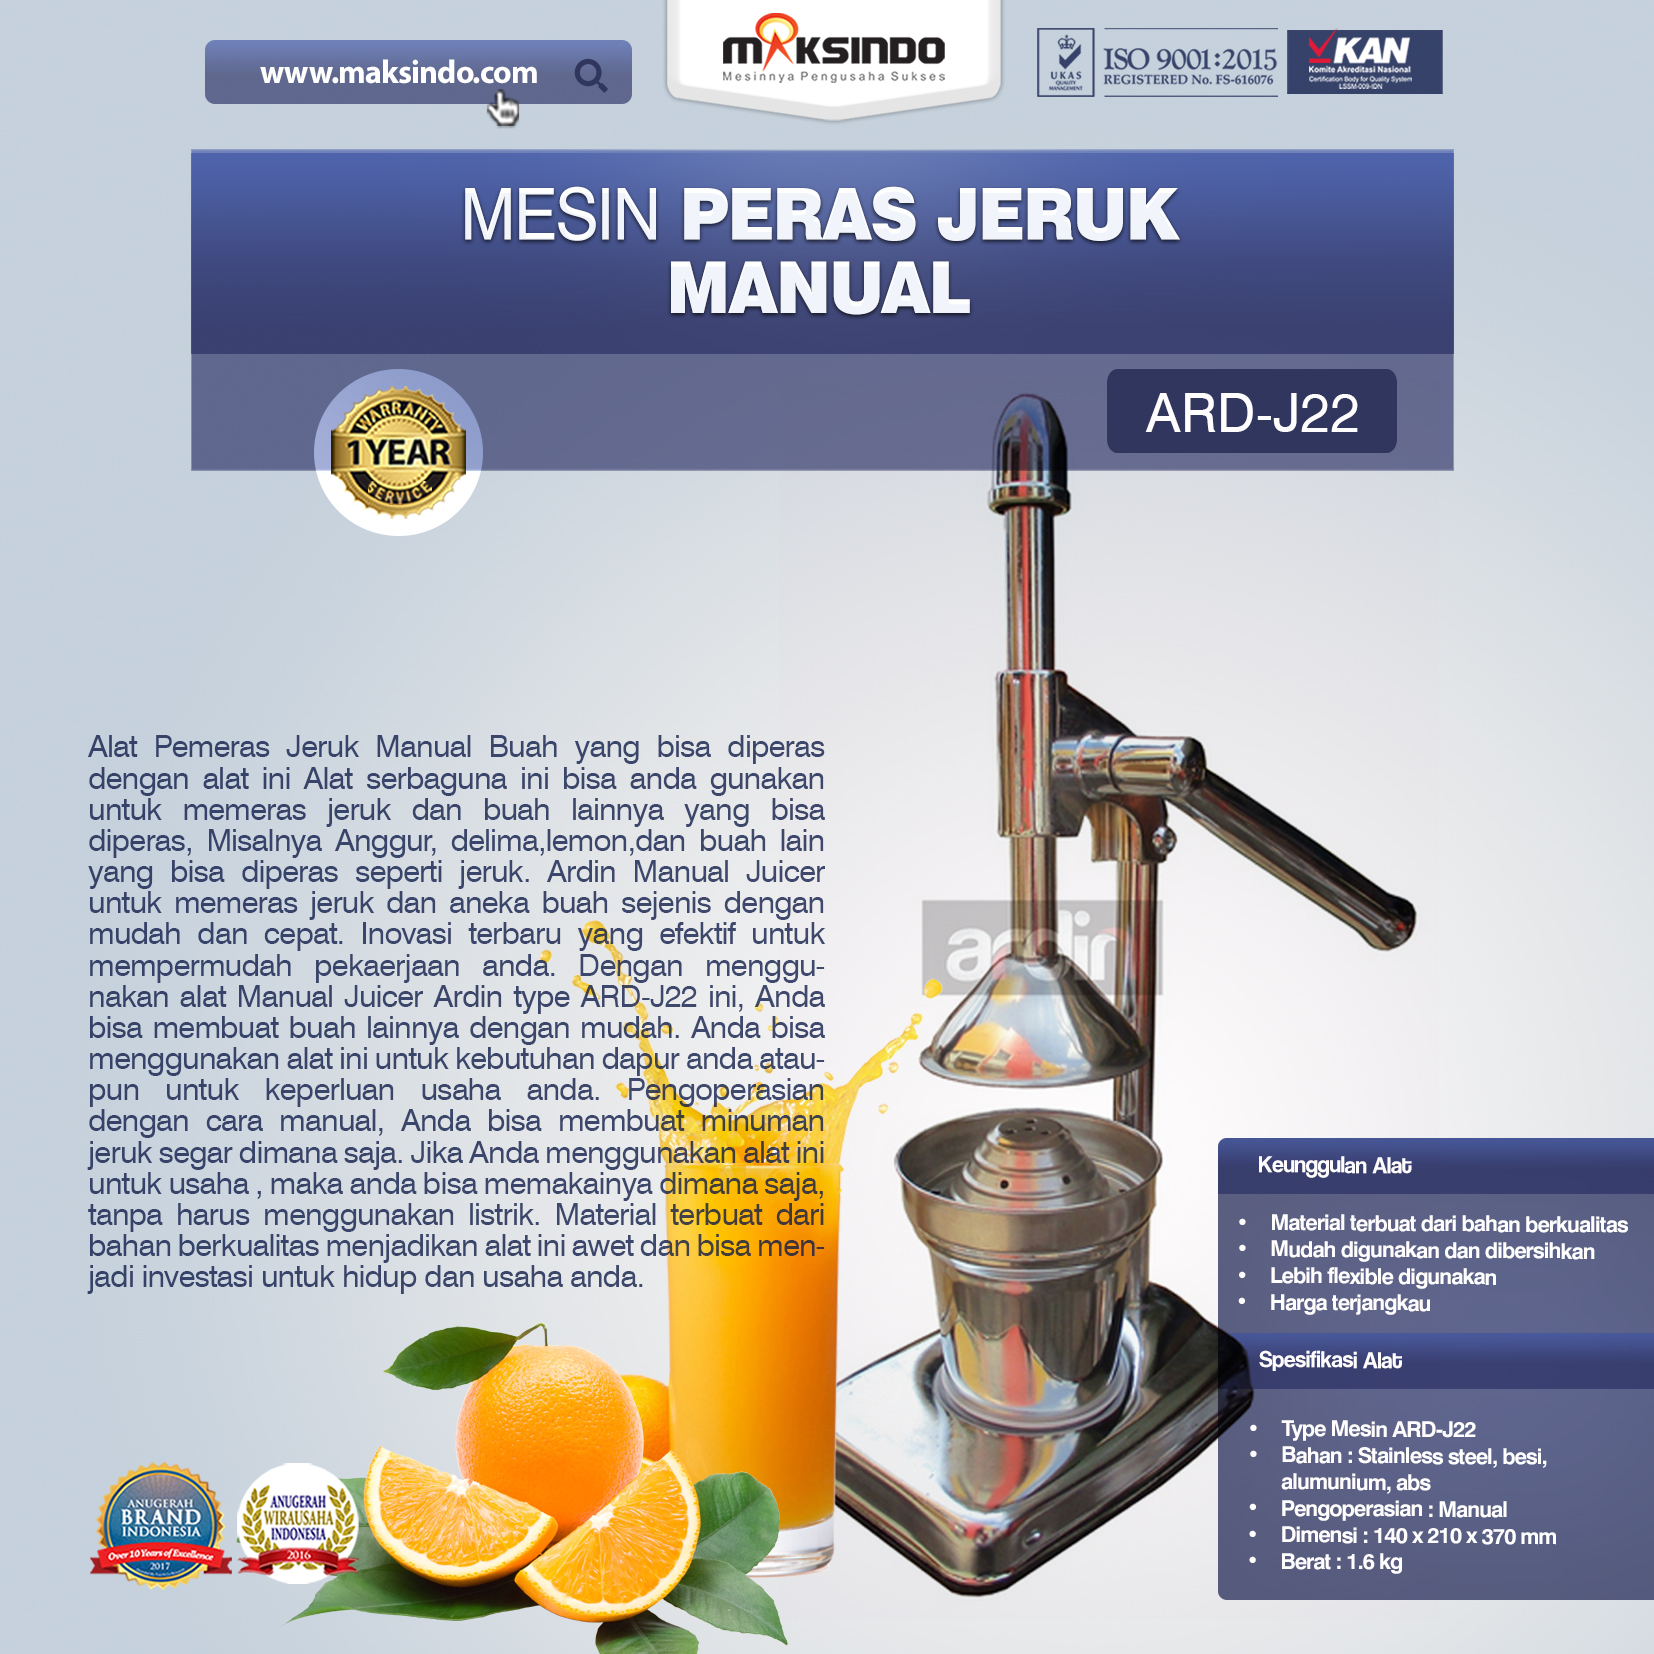 Jual Alat Pemeras Jeruk Manual ARD-J22 di Bandung